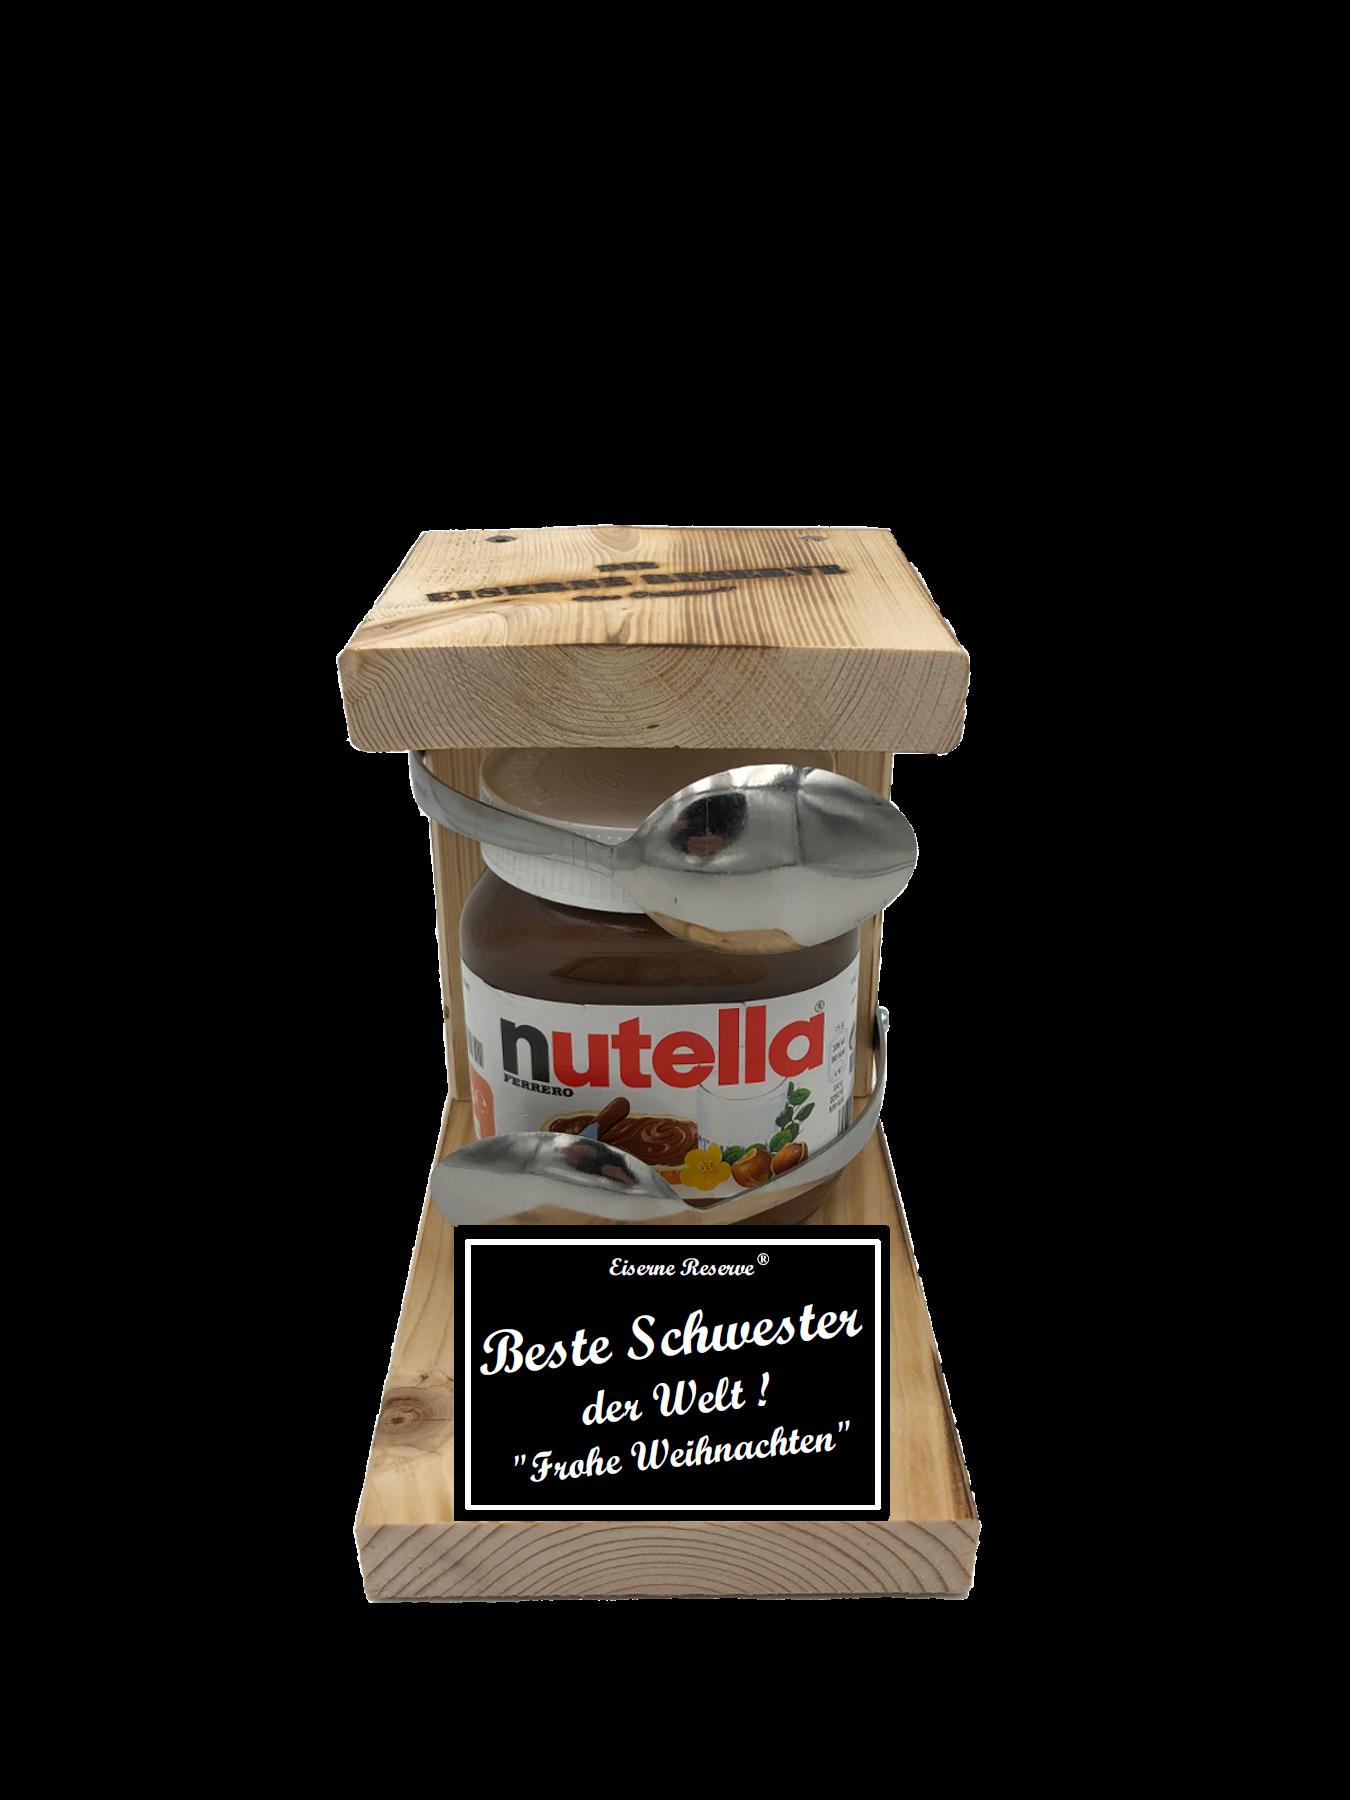 Geschenke Fur Schwester Weihnachts Geschenk Loffel Nutella Geschenk Die Nutella Geschenkidee